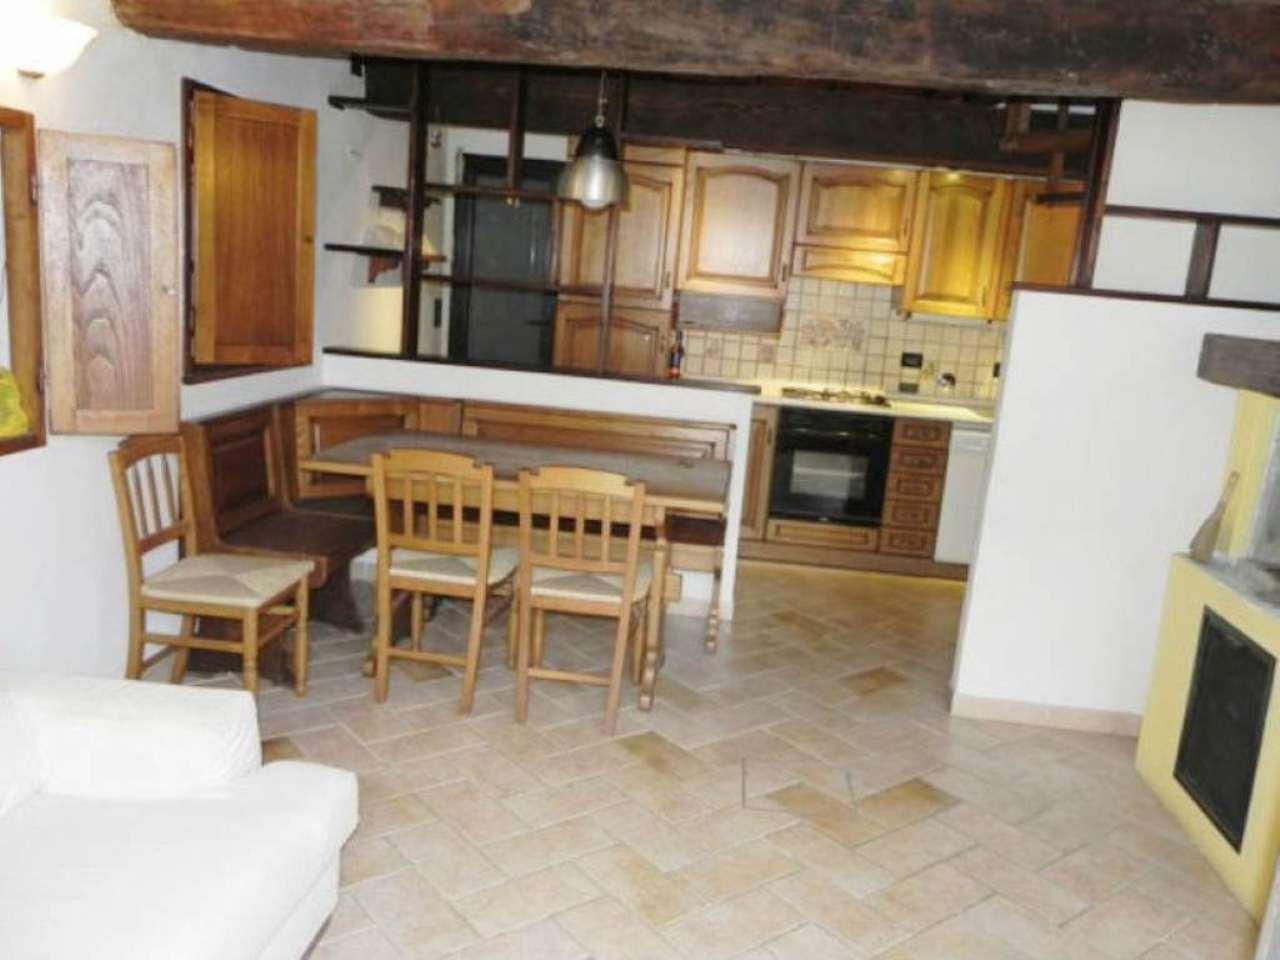 Palazzo / Stabile in vendita a Vaiano, 3 locali, prezzo € 129.000 | Cambio Casa.it